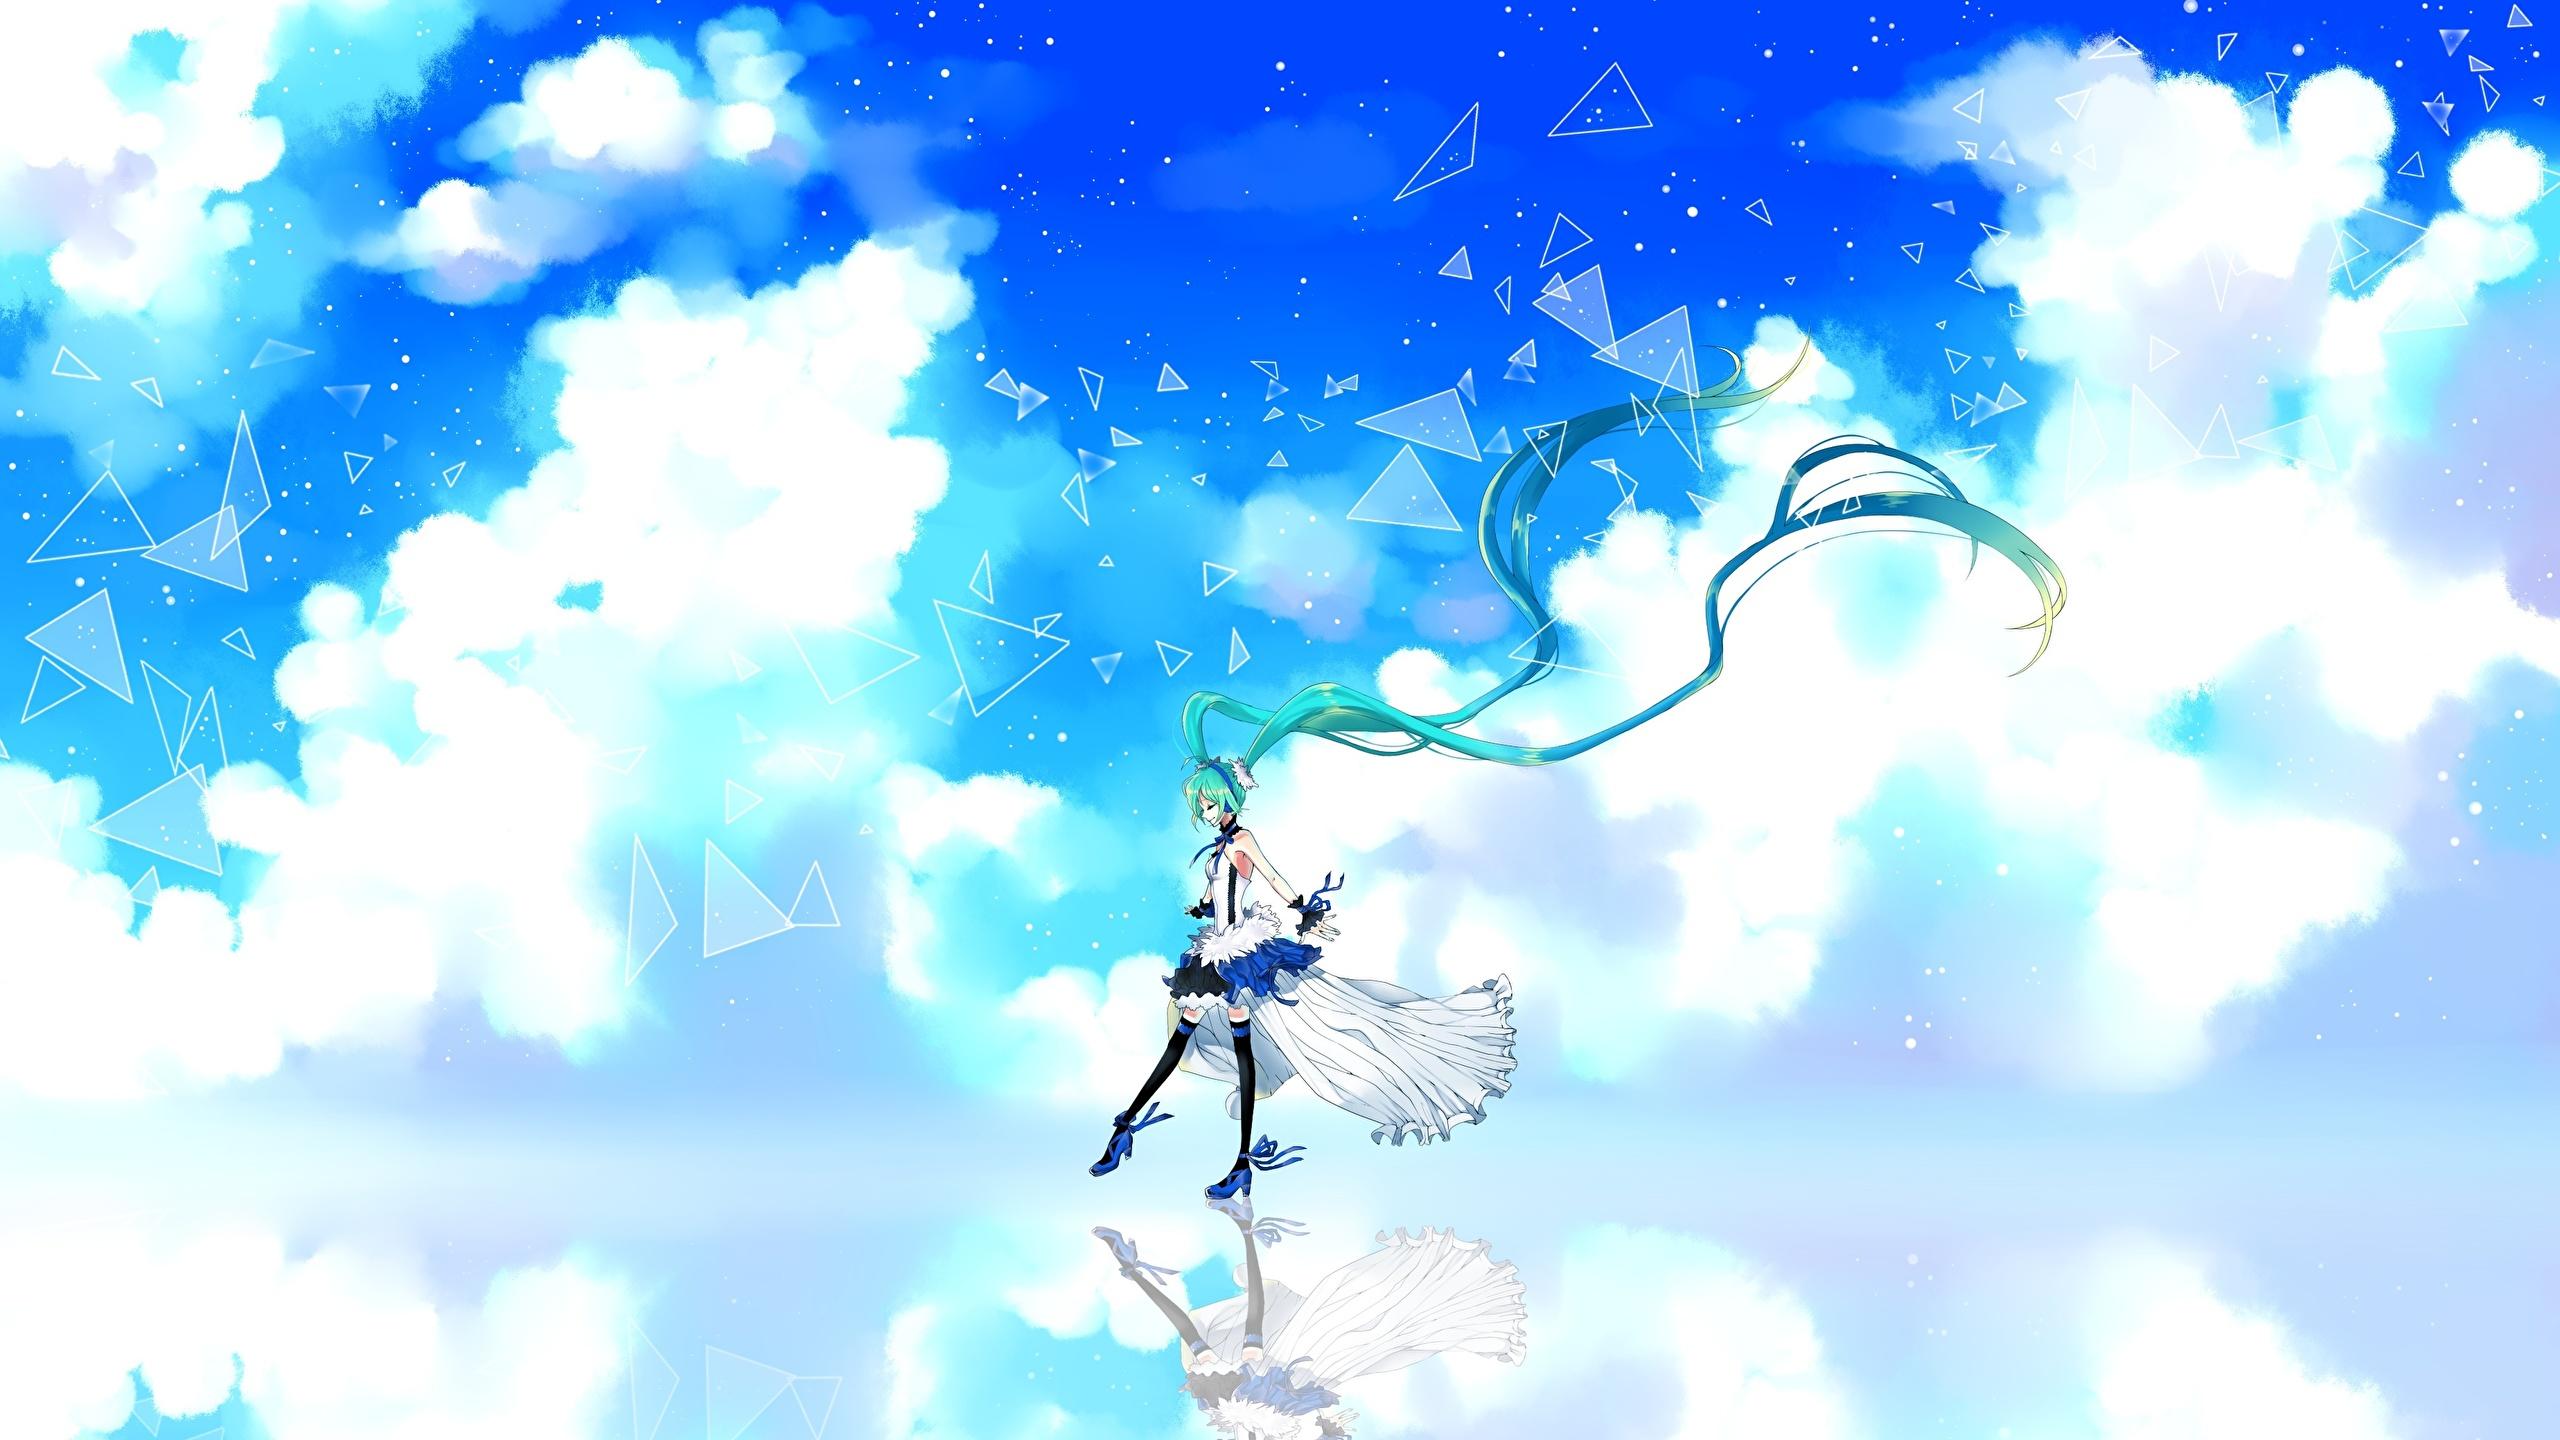 壁紙 2560x1440 ボーカロイド 初音ミク Cu Riyan 7th Dragon 雲 アニメ 少女 ダウンロード 写真